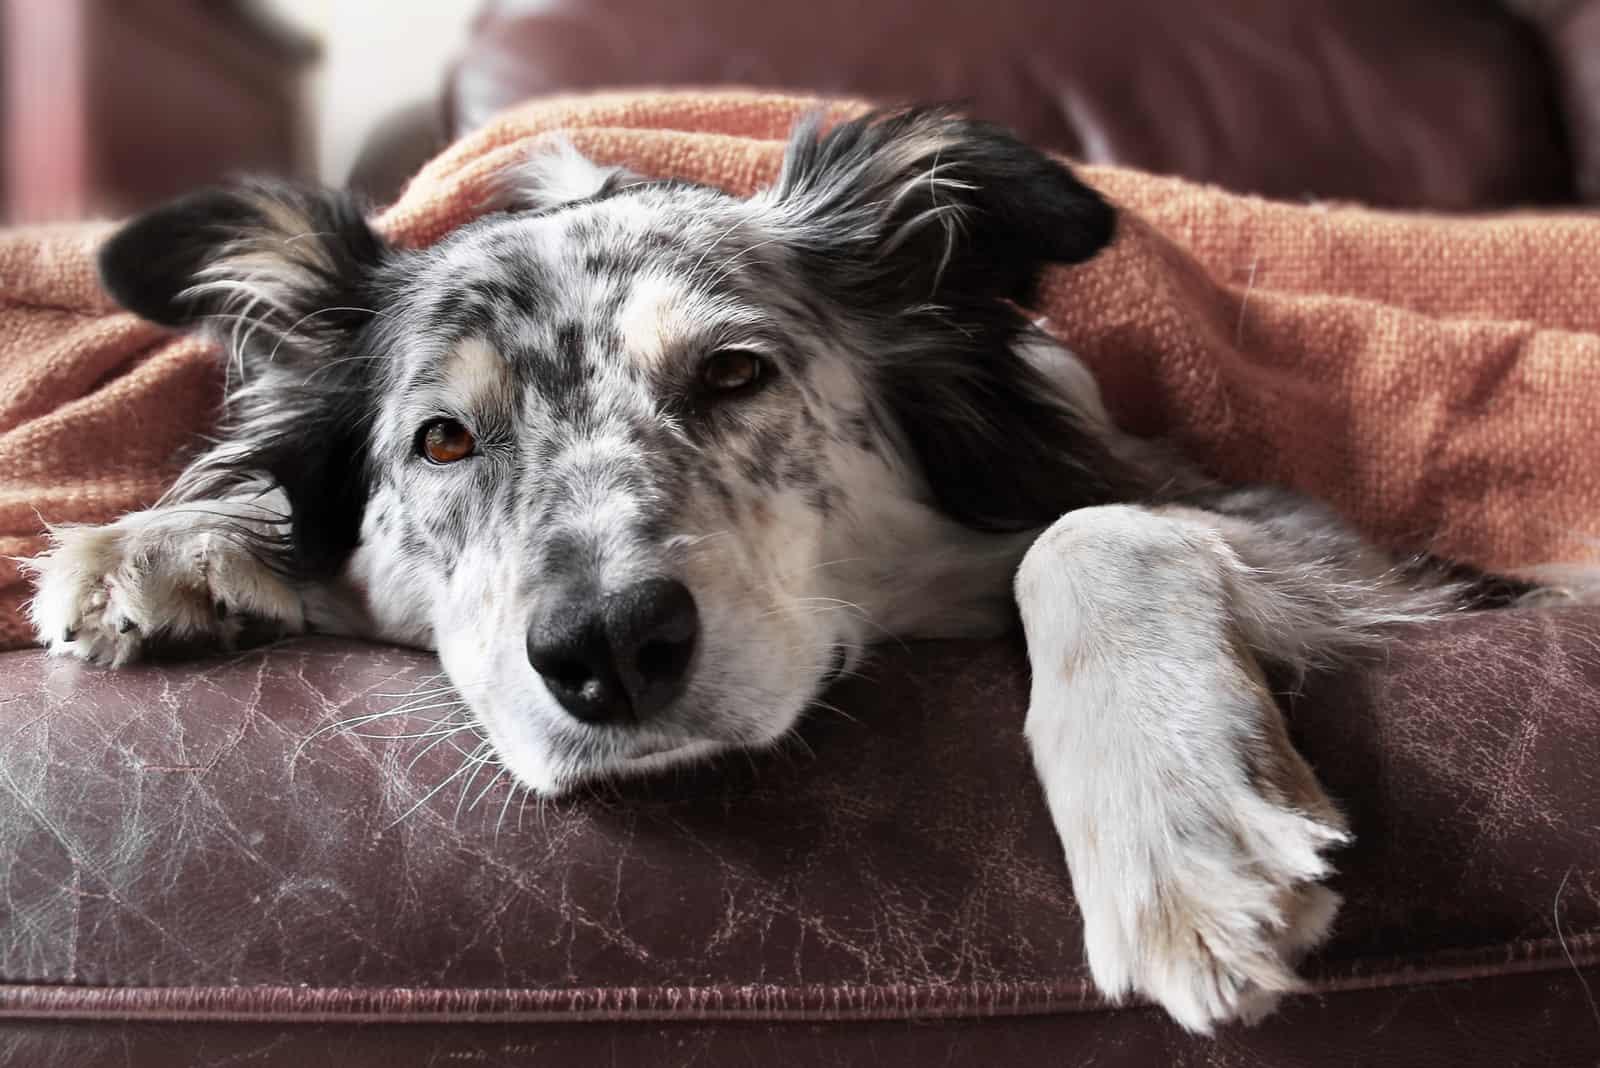 Auf der Couch liegt ein kranker Hund